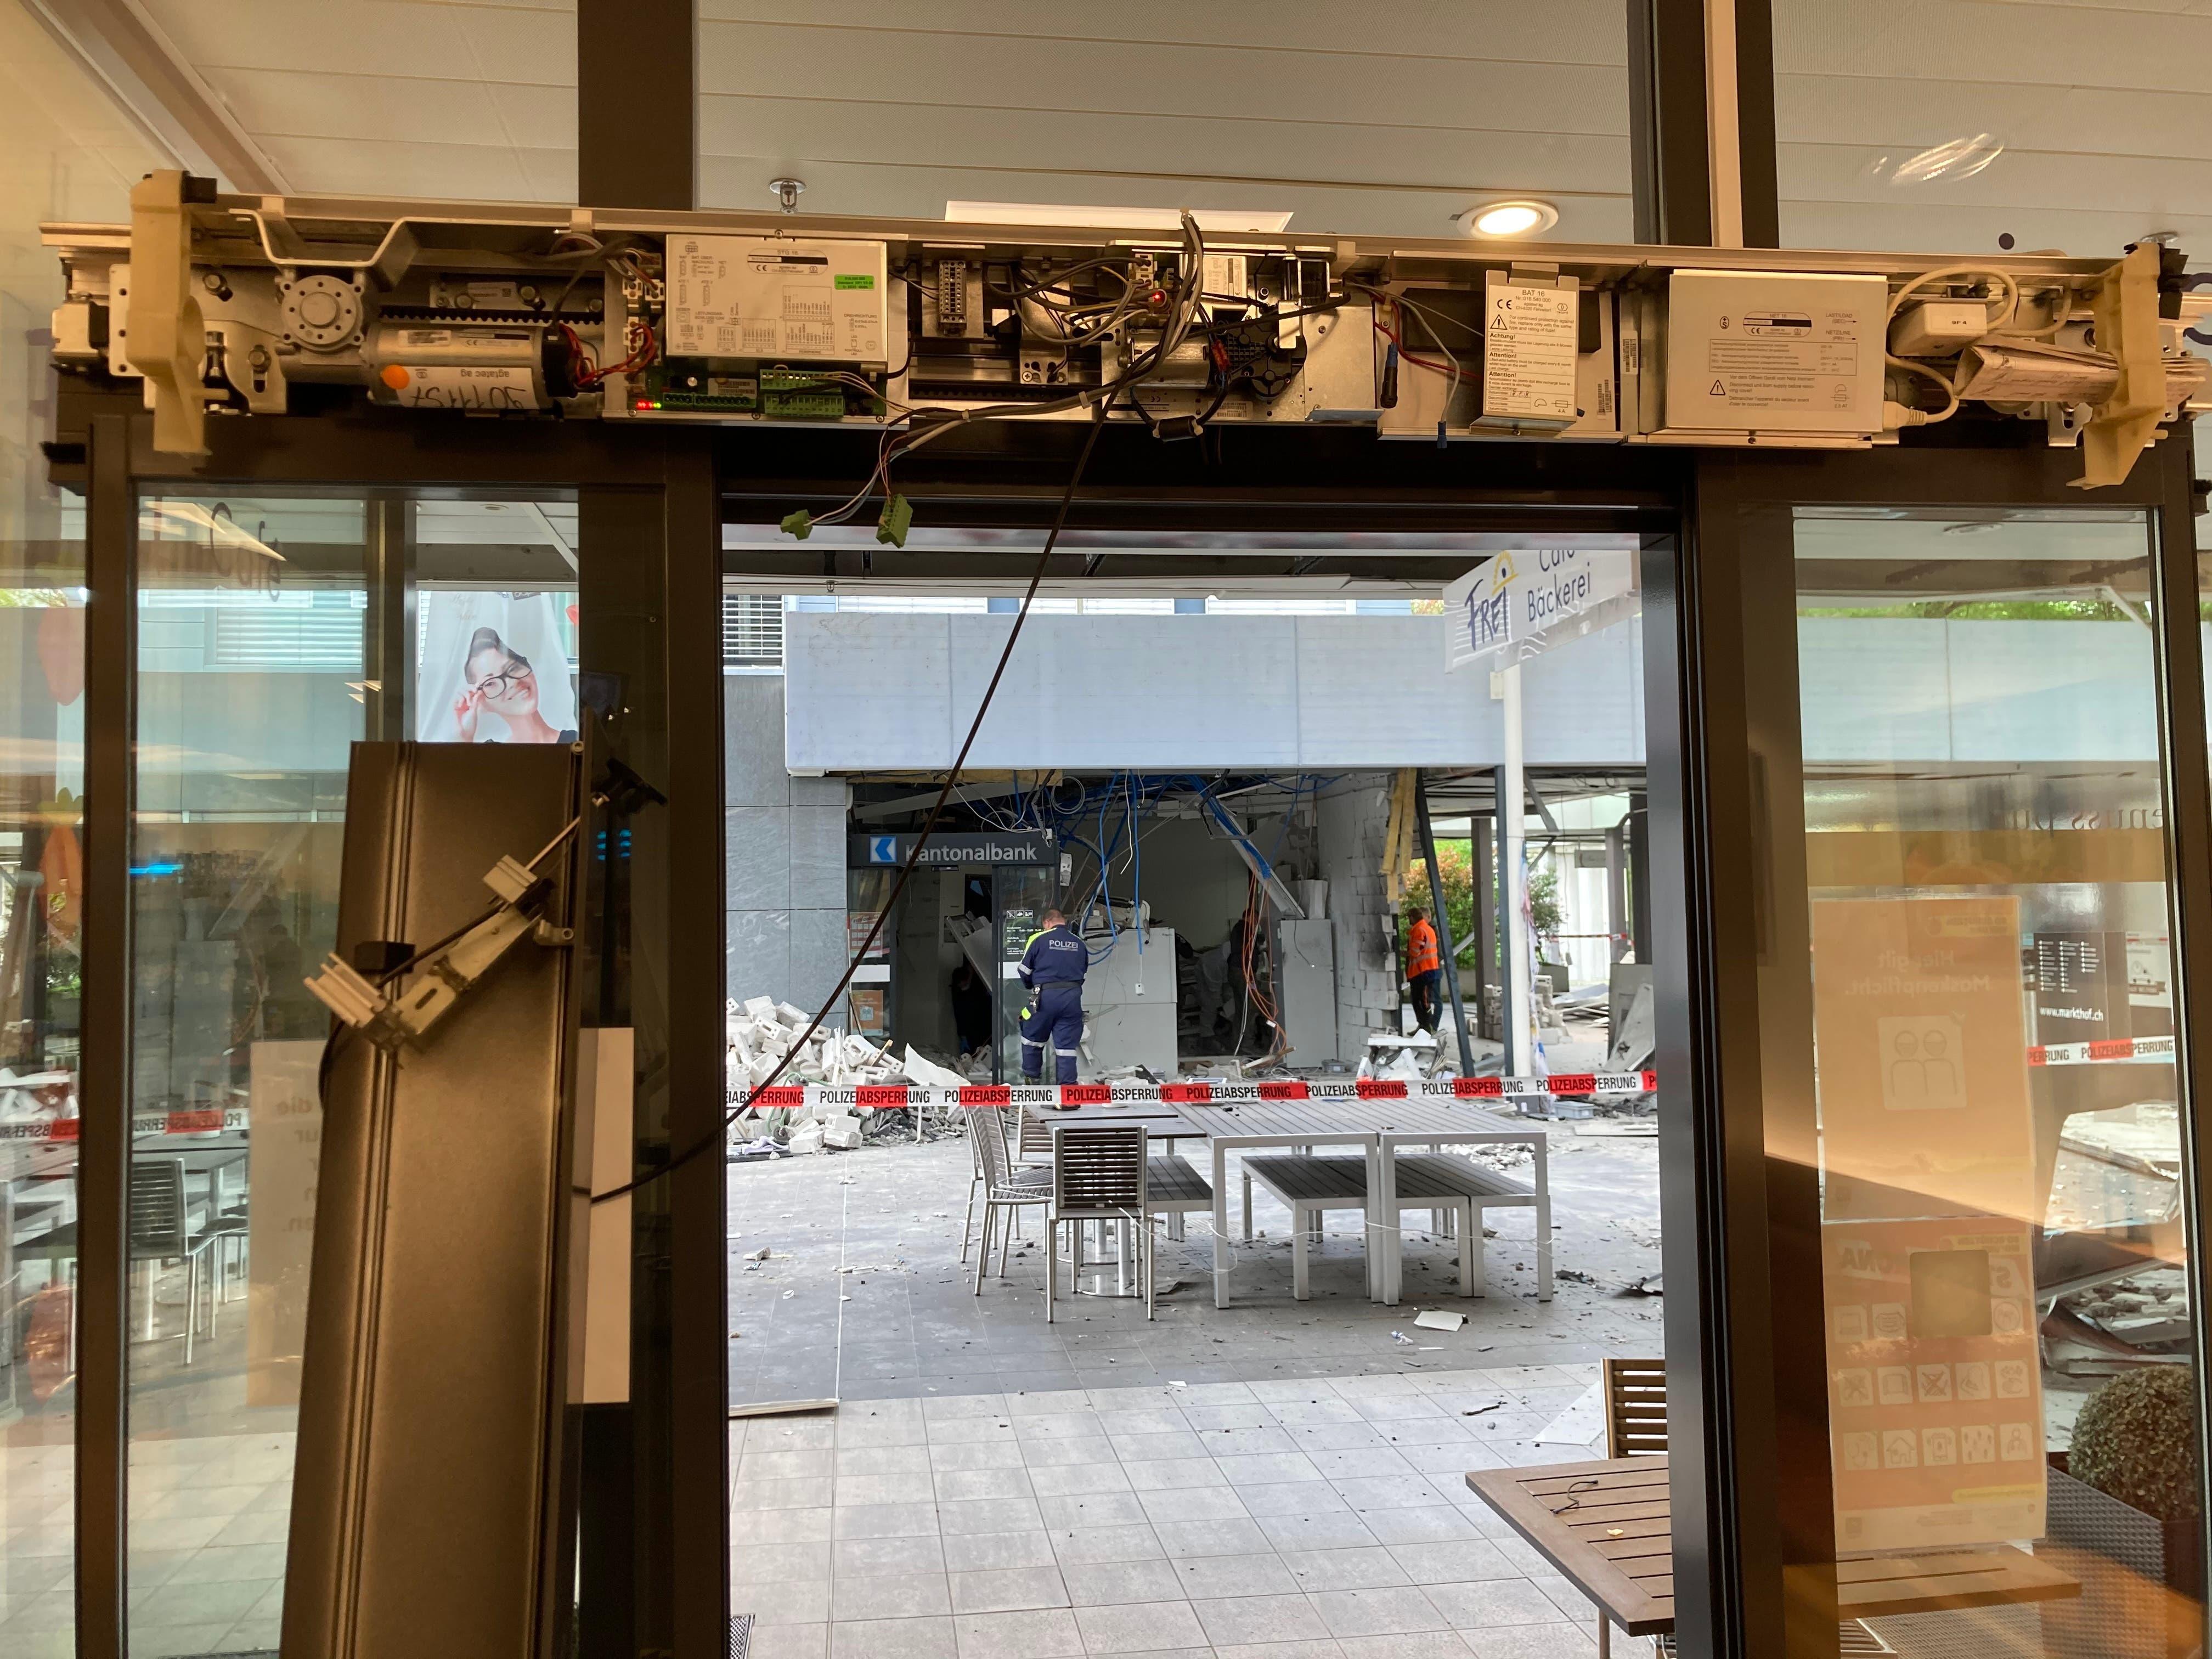 Dieses Bild zeigt die Eingangstüre der gegenüberliegenden Bäckerei Frei, die ebenfalls zerstört worden ist.